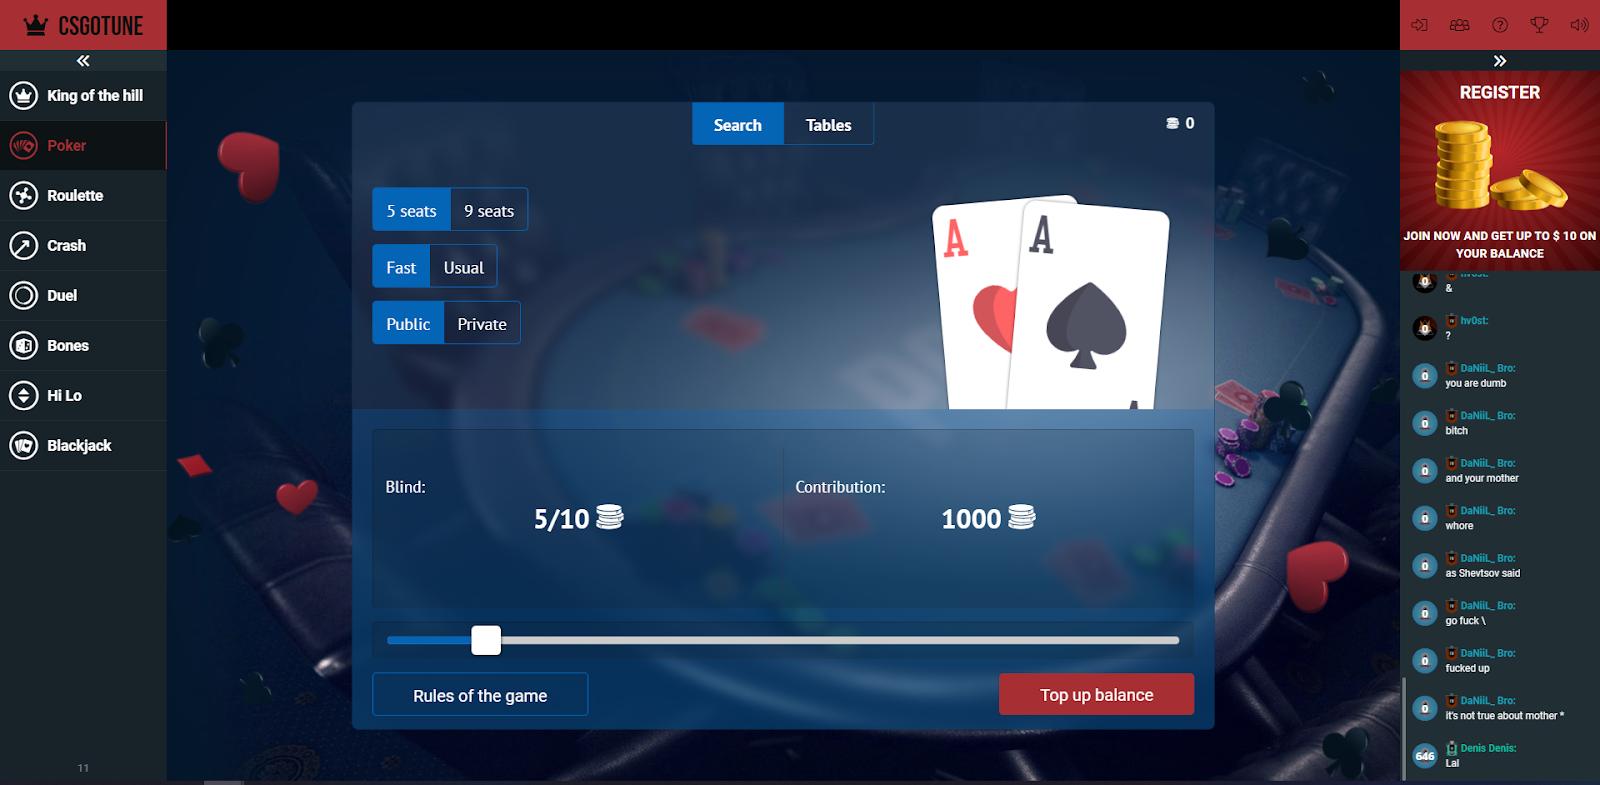 CSGO Tune Poker